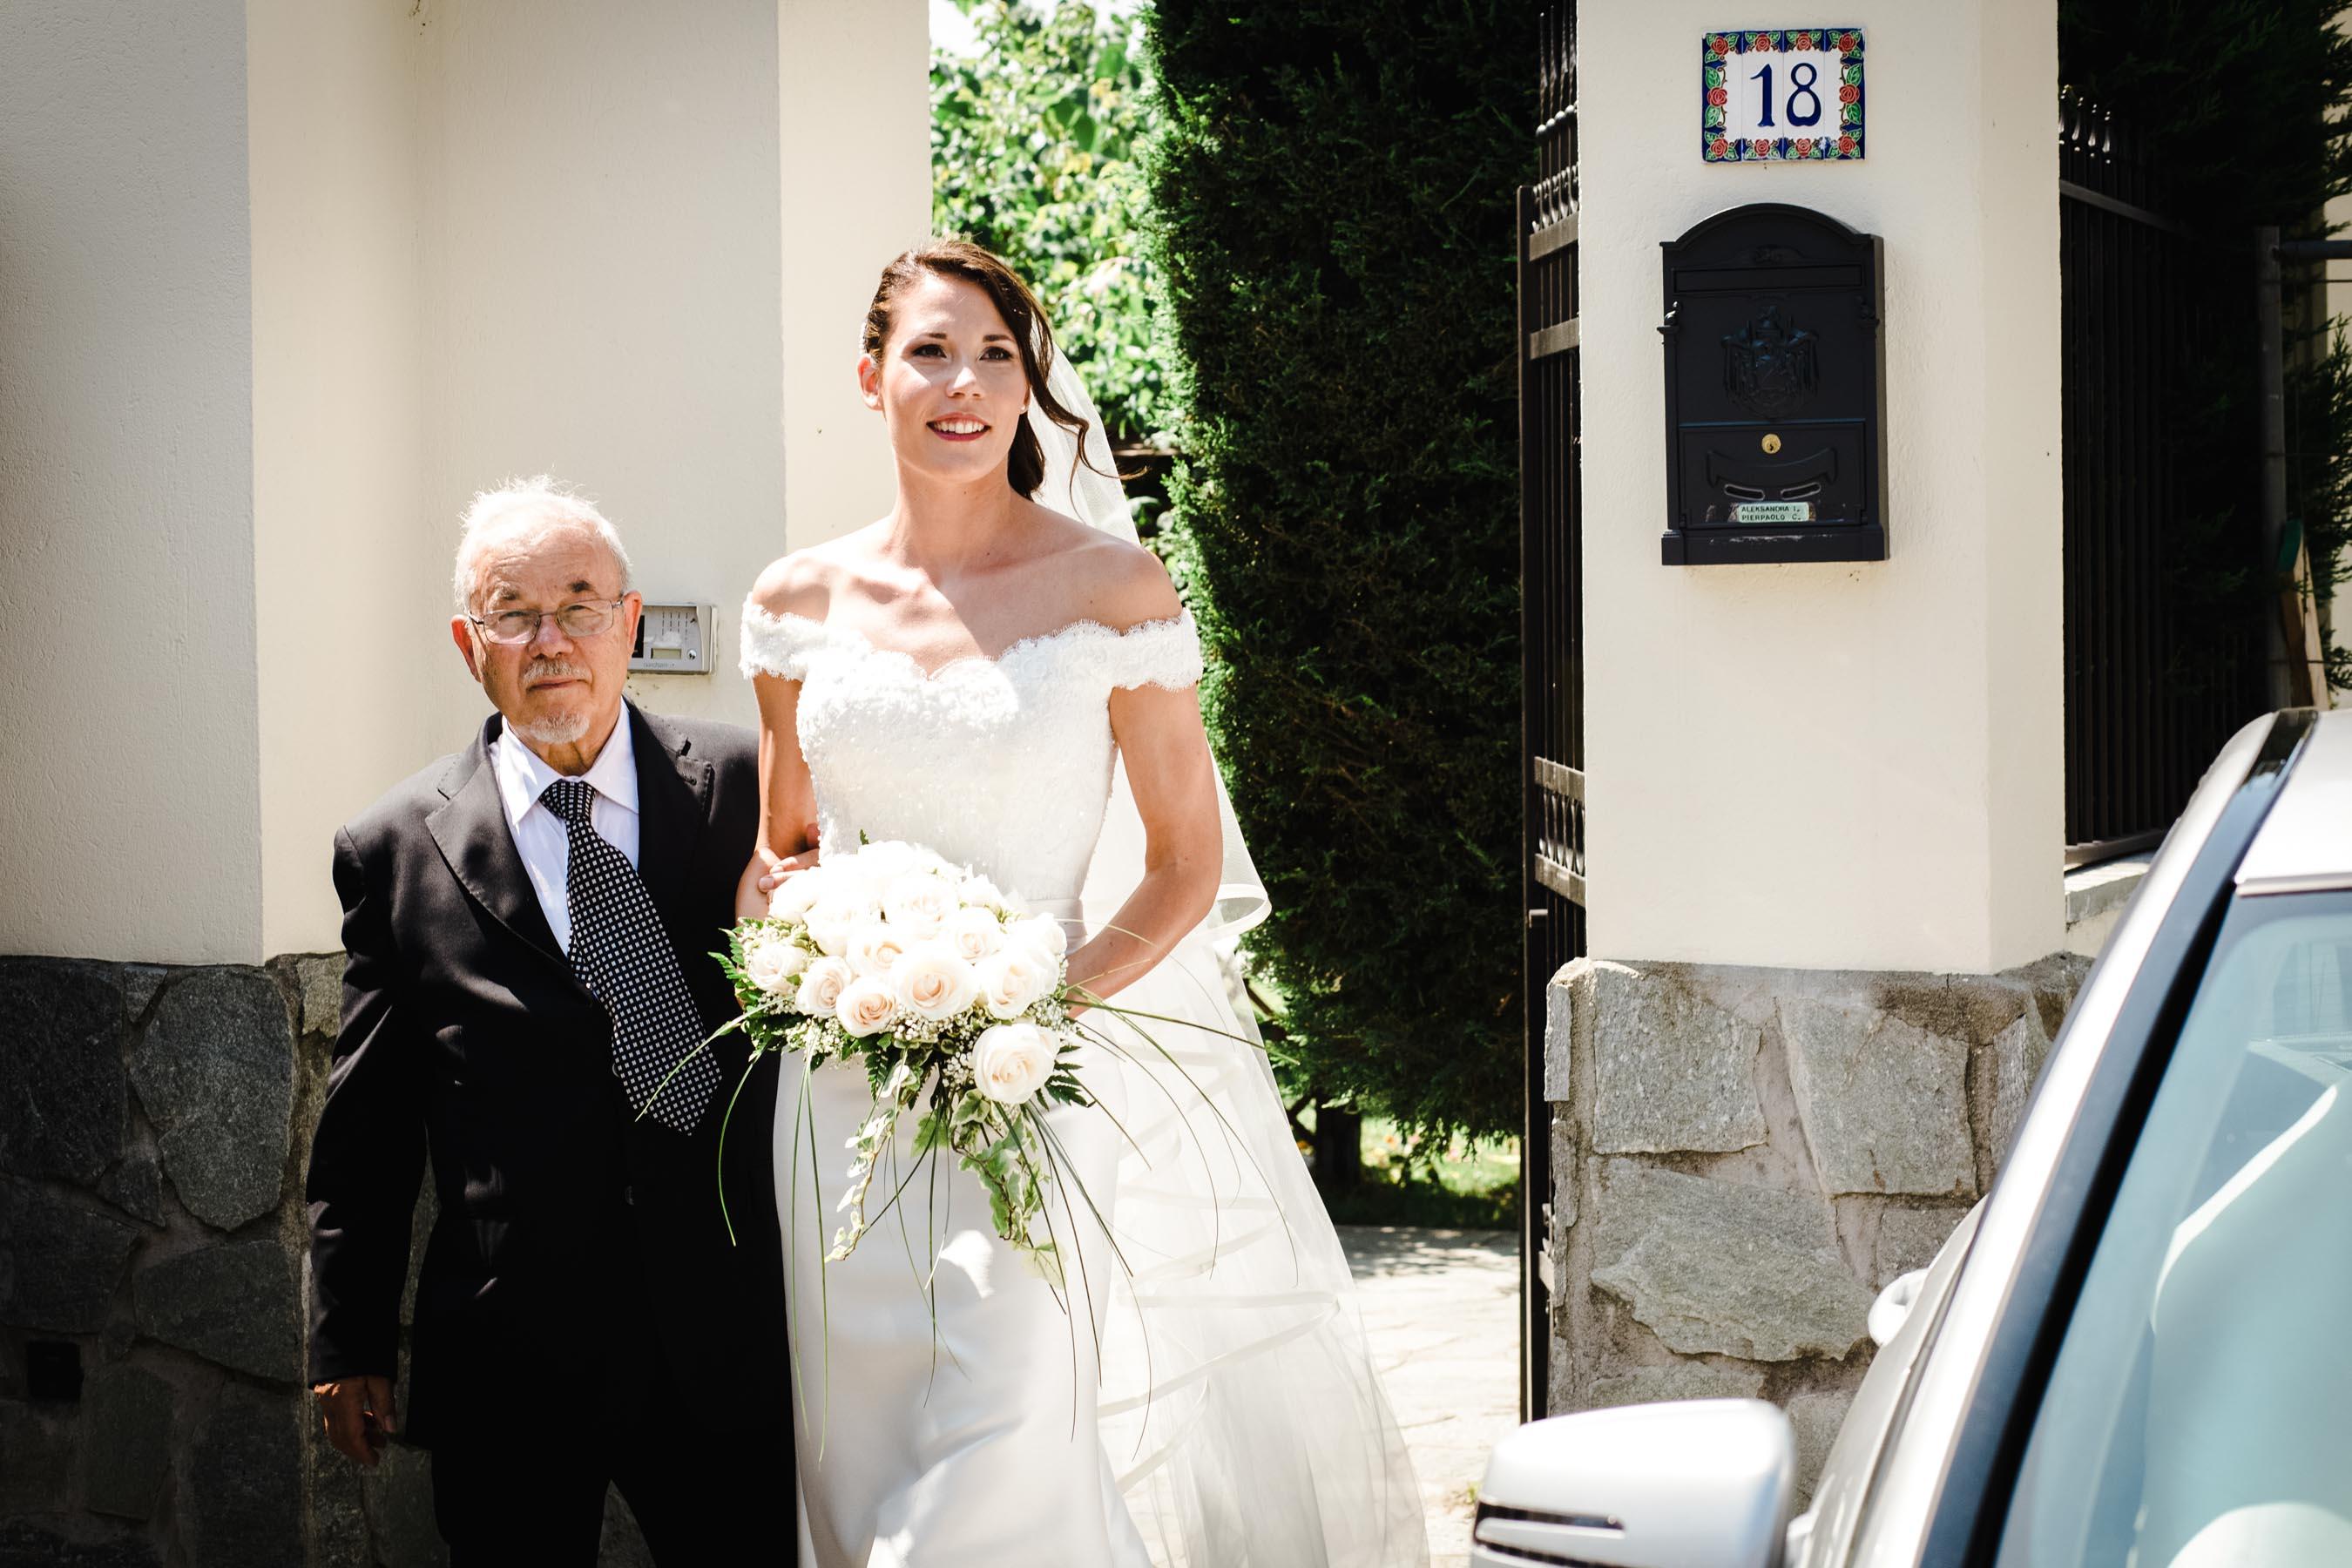 art foto_torino_monica sica photography_la vià _cavour_ fotografo matrimonio_torino-20